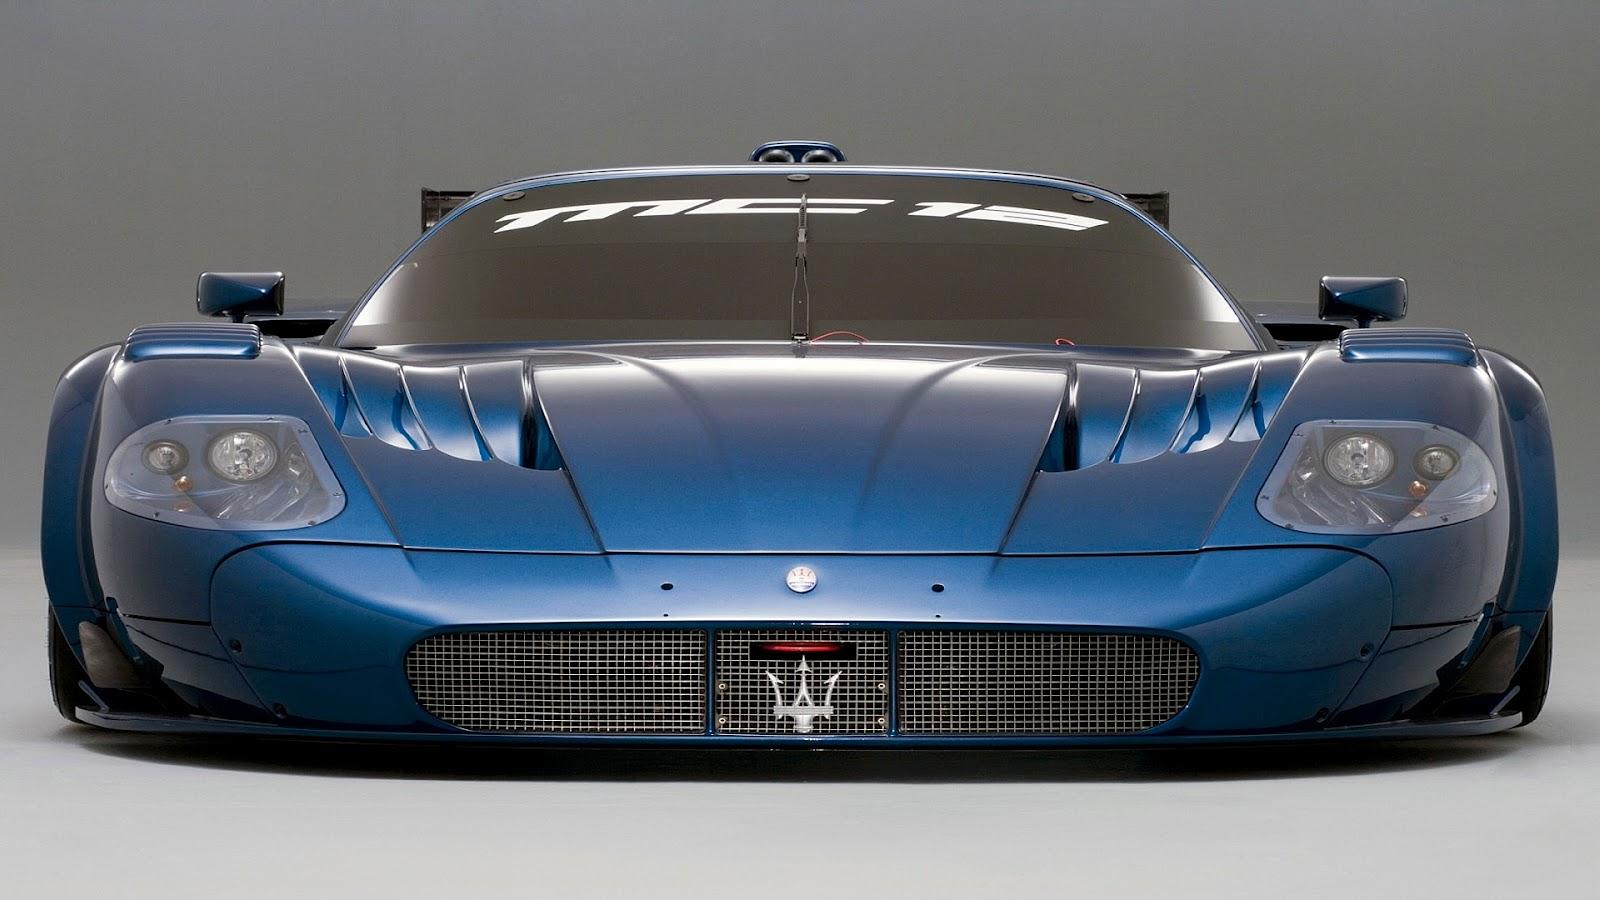 http://4.bp.blogspot.com/-Sw45DDBUyqw/UDhjS9WAoVI/AAAAAAAACJ8/E_Q0x8mRxgY/s1600/Maserati+Mc12++Corsa+Car.jpg